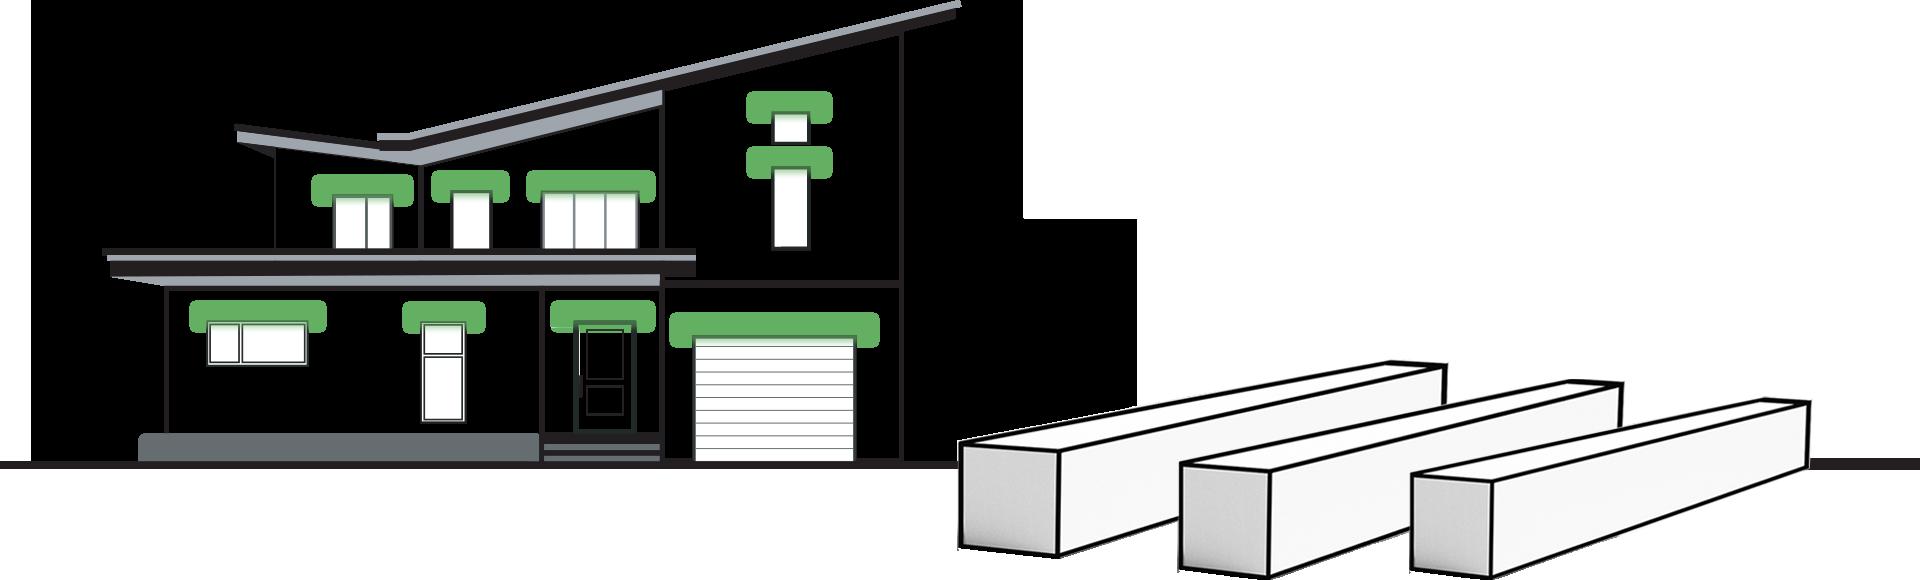 О компании производителе газобетонных блоков poritep